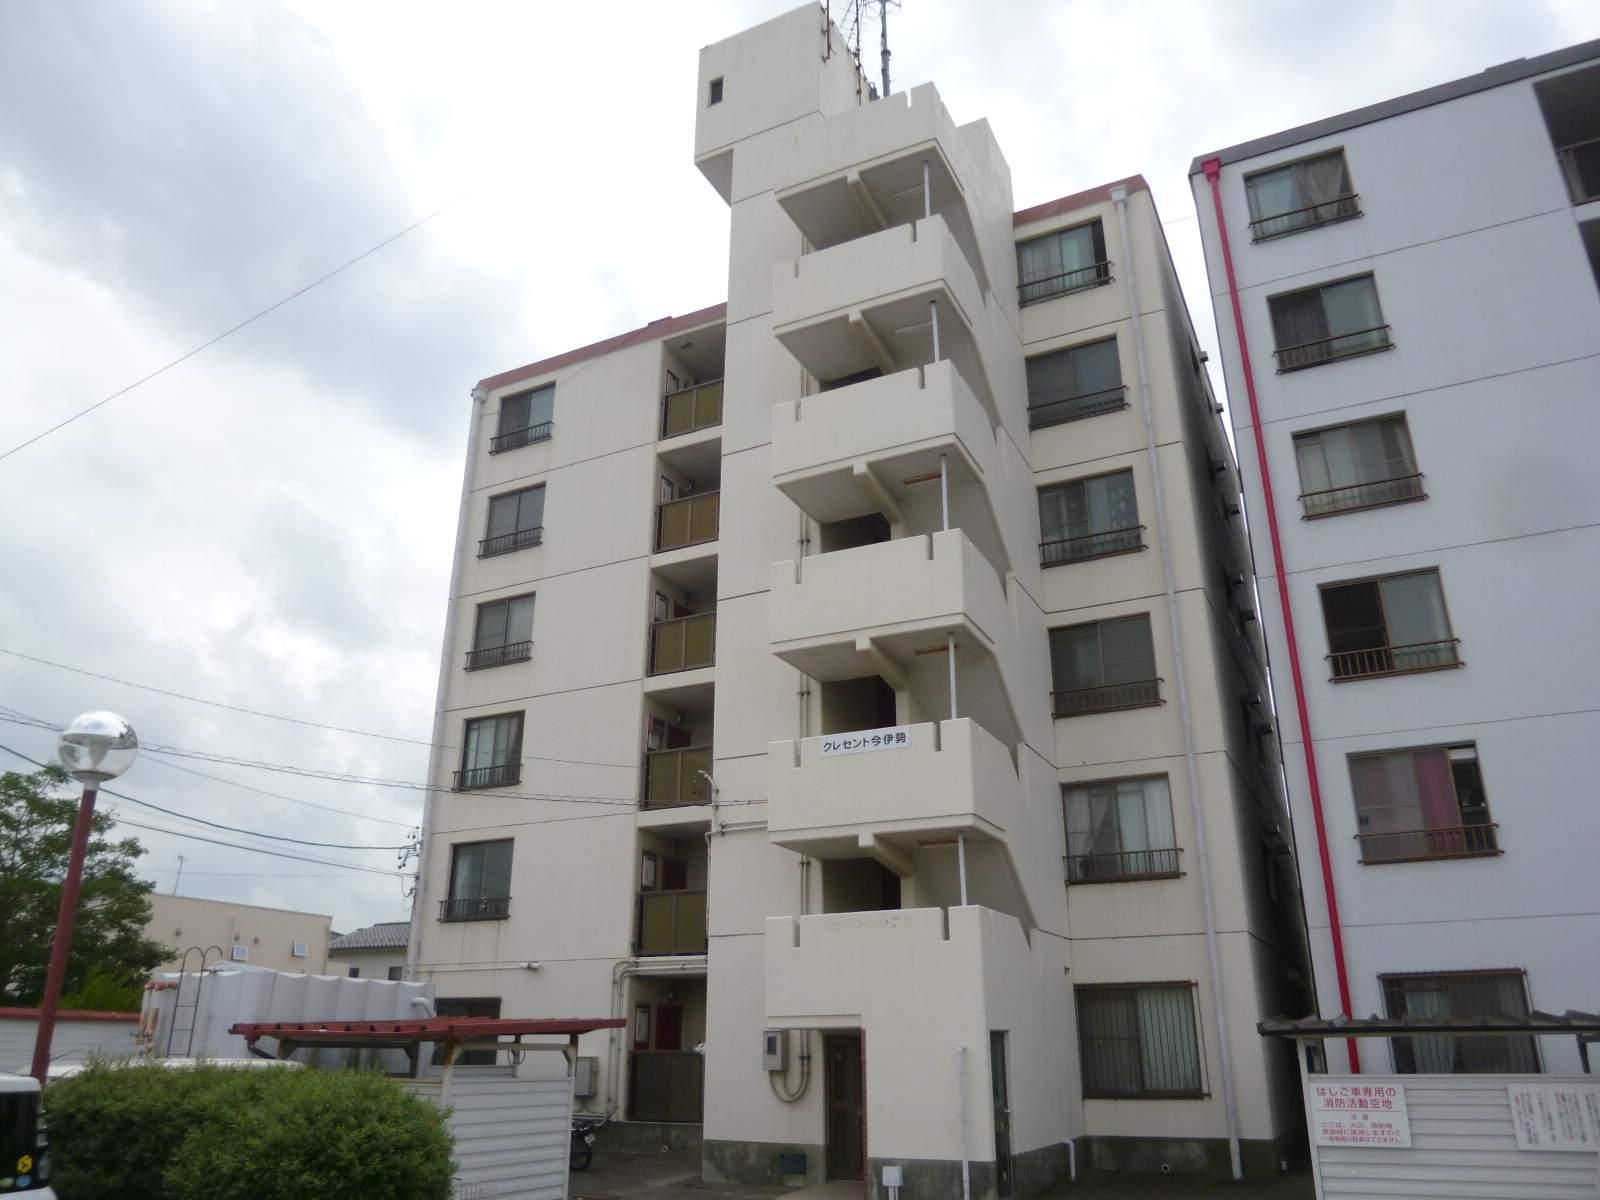 愛知県一宮市、尾張一宮駅徒歩28分の築34年 6階建の賃貸マンション